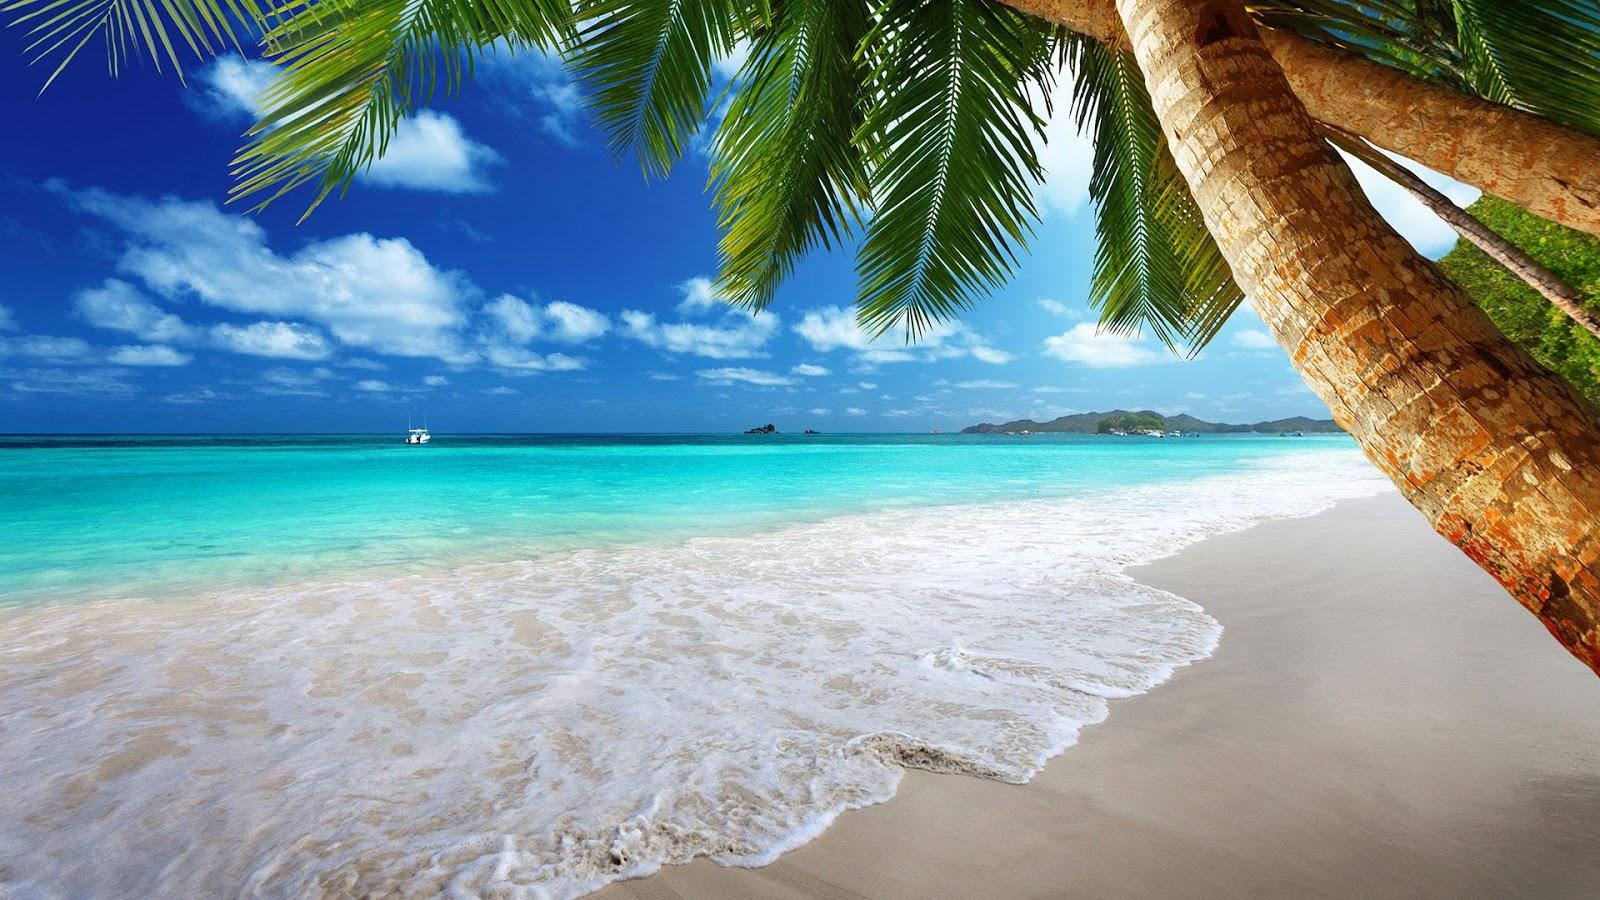 Summer Beach Scene 4k Hd Desktop Wallpaper For 4k Ultra Hd: تنزيل صور تصلح لكل الاستخدامات